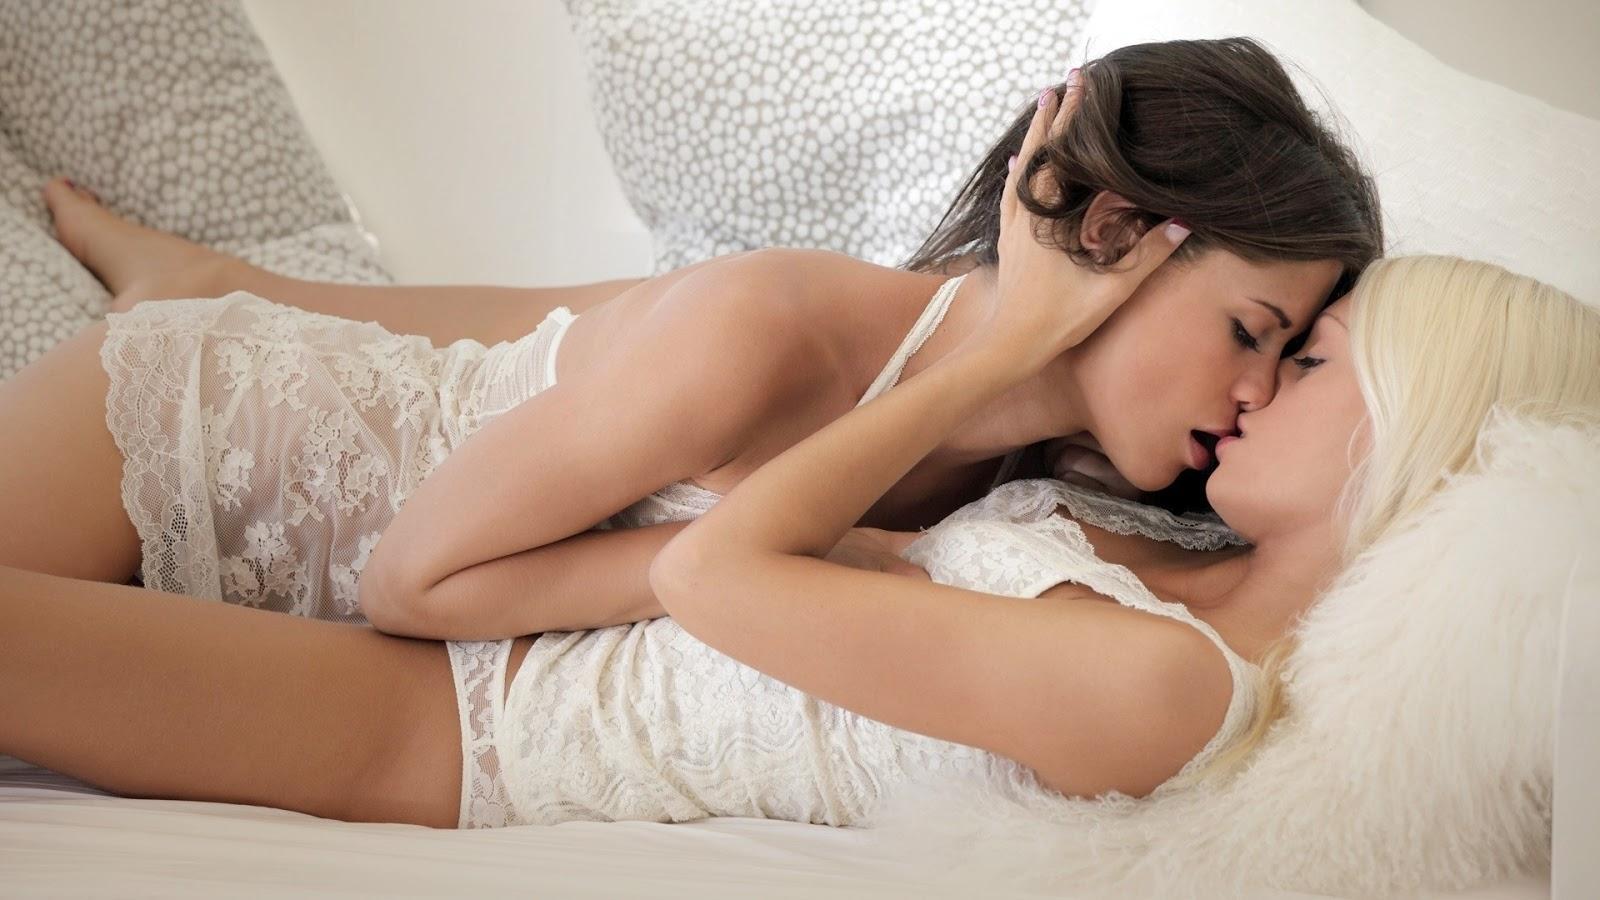 Супер модели лисбиянки модели 13 фотография